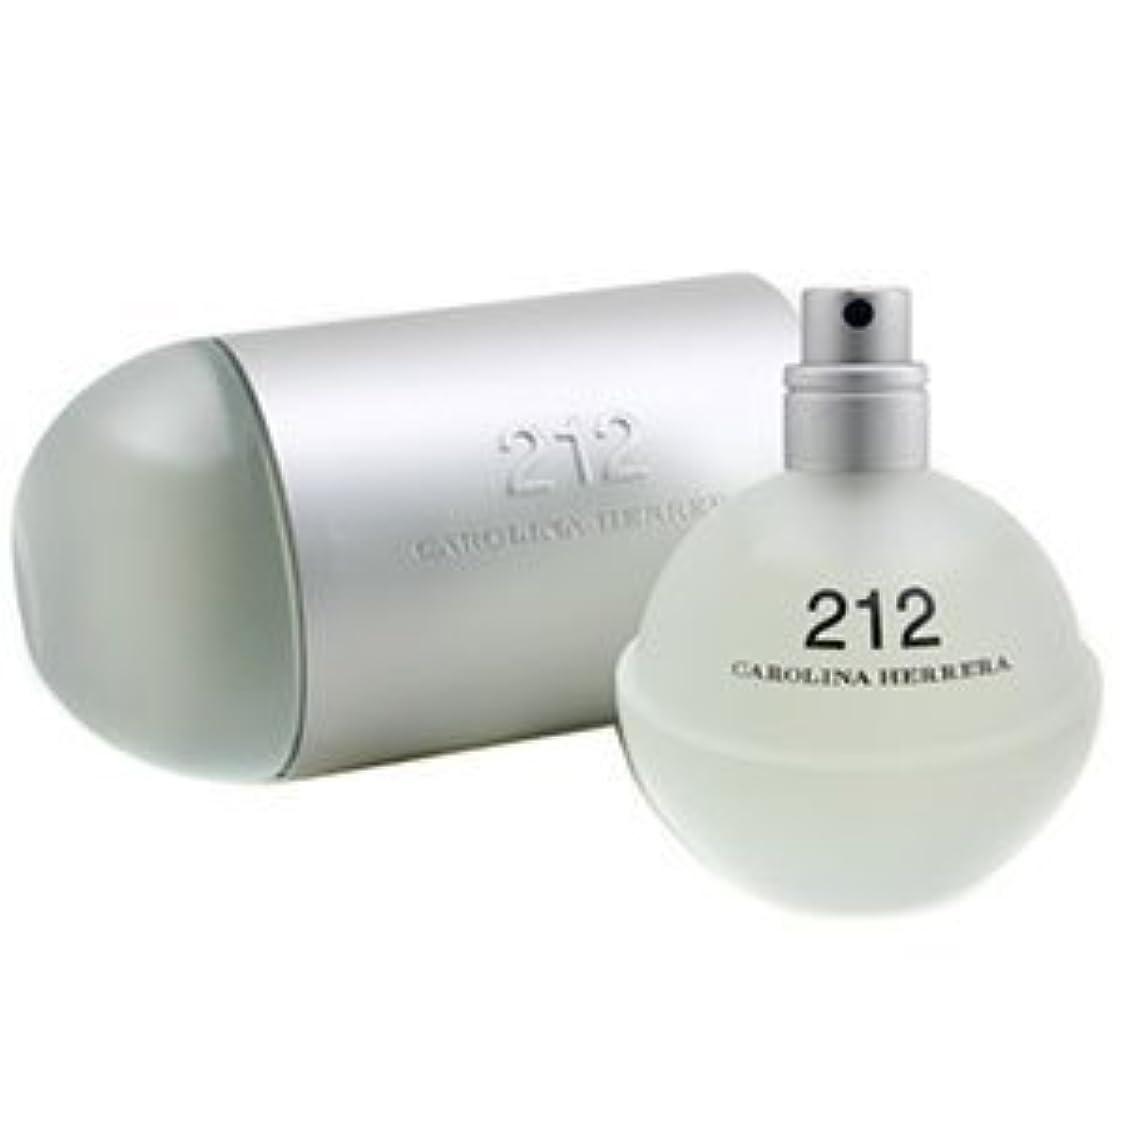 セクタアプライアンス寝てるキャロライナ ヘレラ 香水 212 EDT SP 60ml ( 30ml ×2) 【並行輸入品】